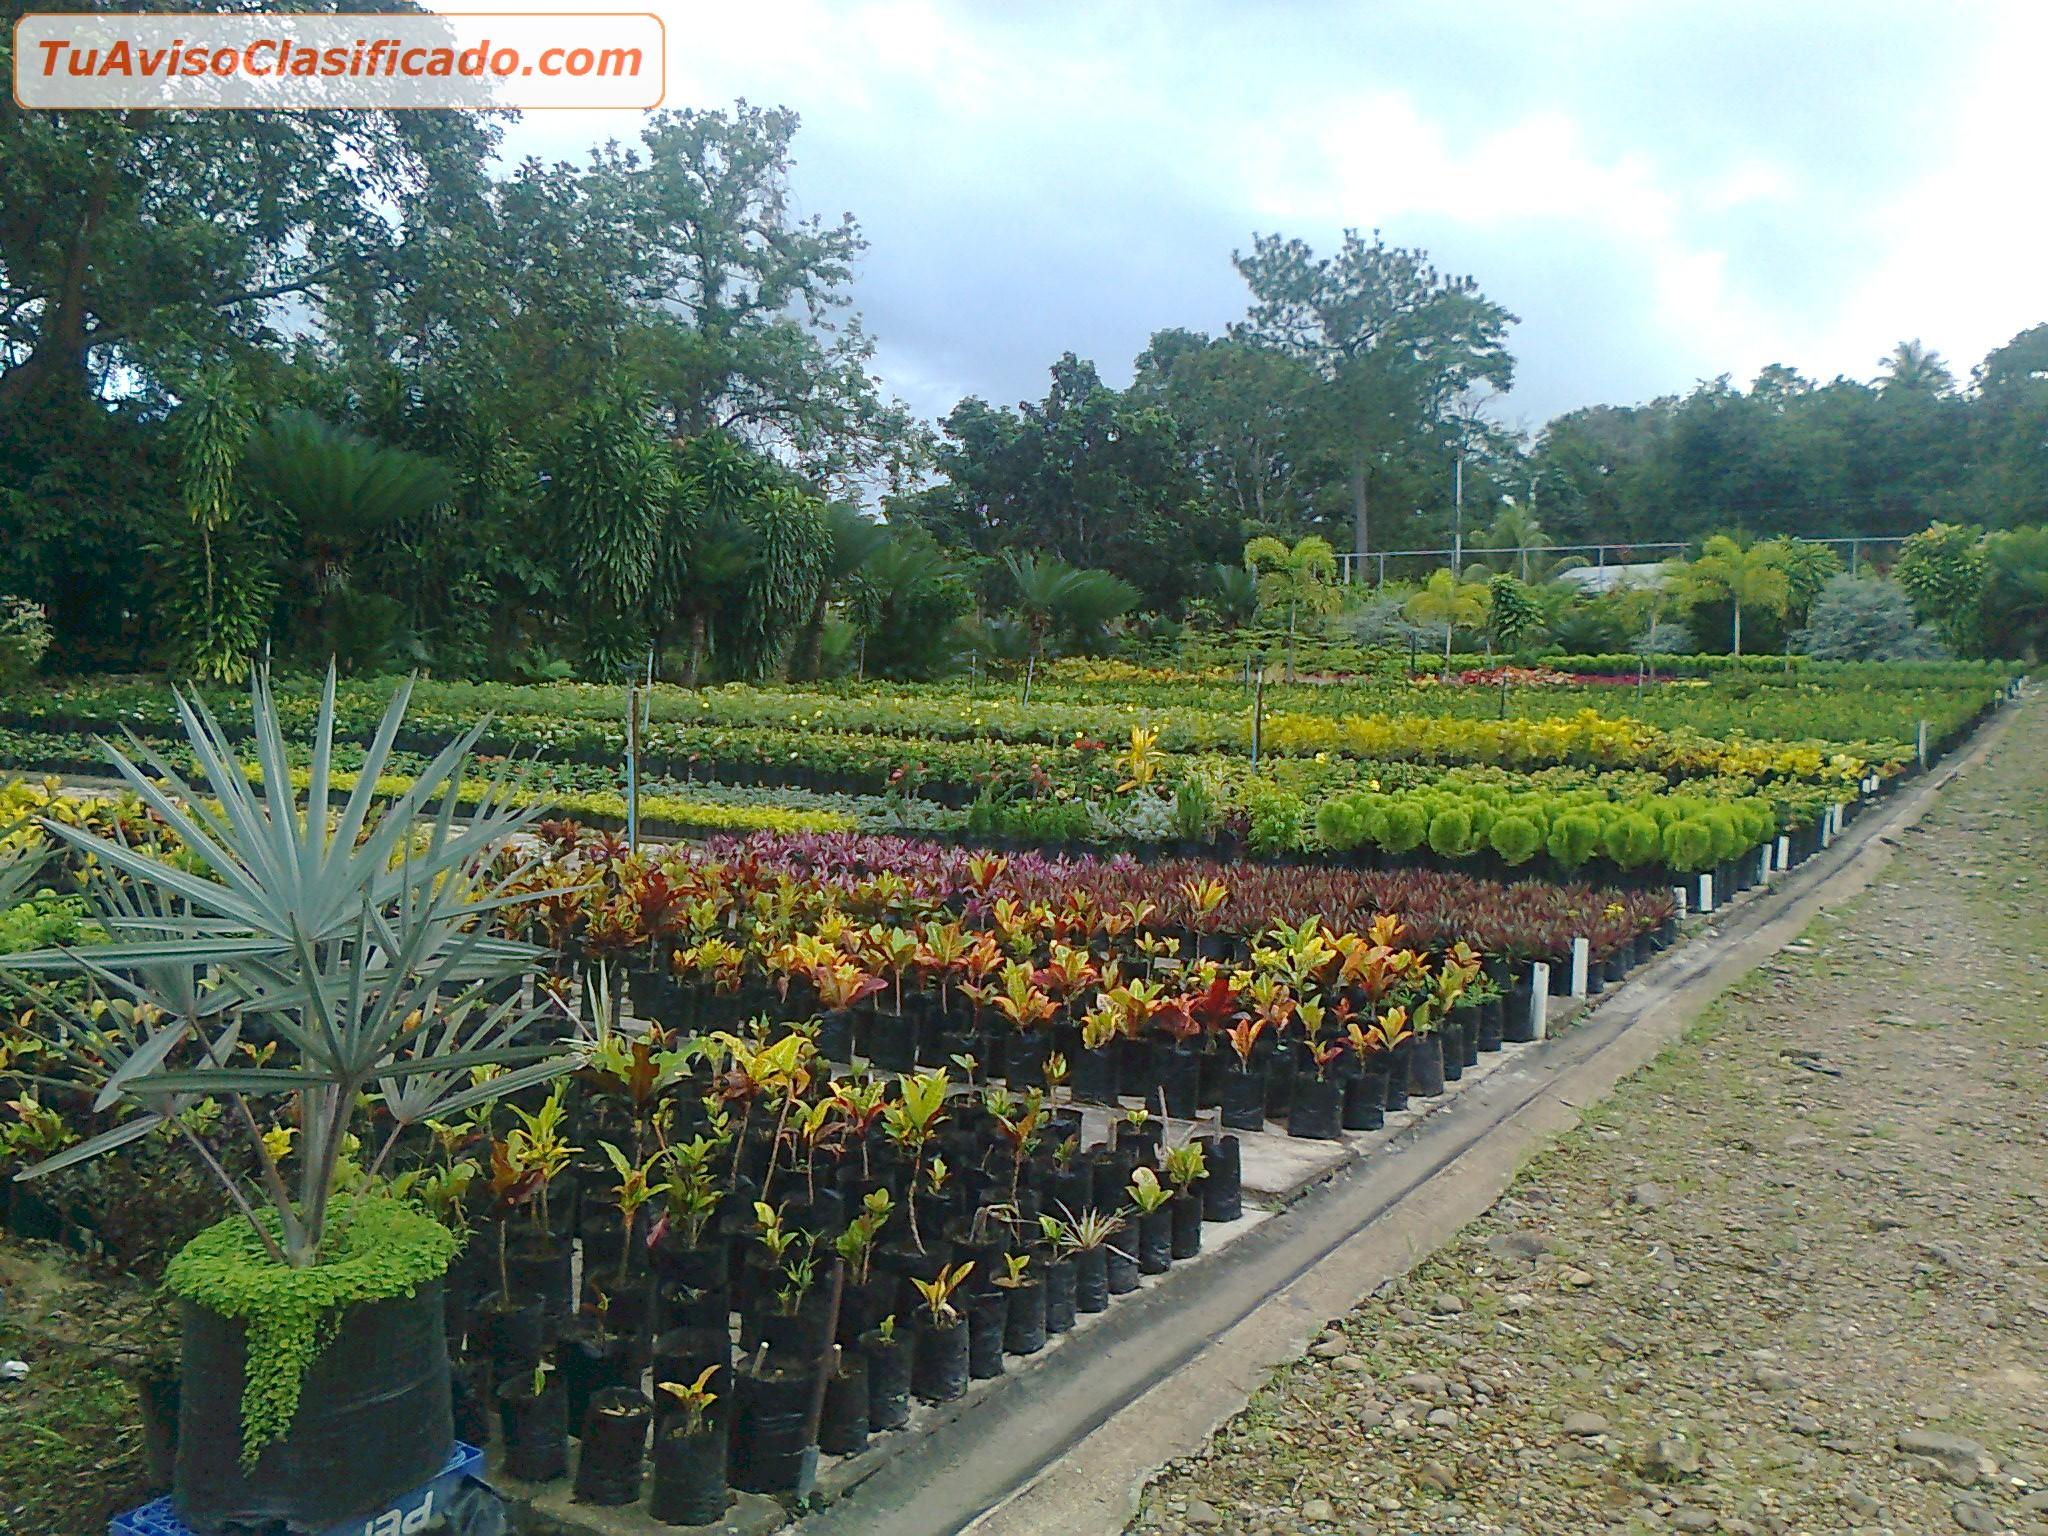 vivero y proyectos de jardineria y ornatos jard n y